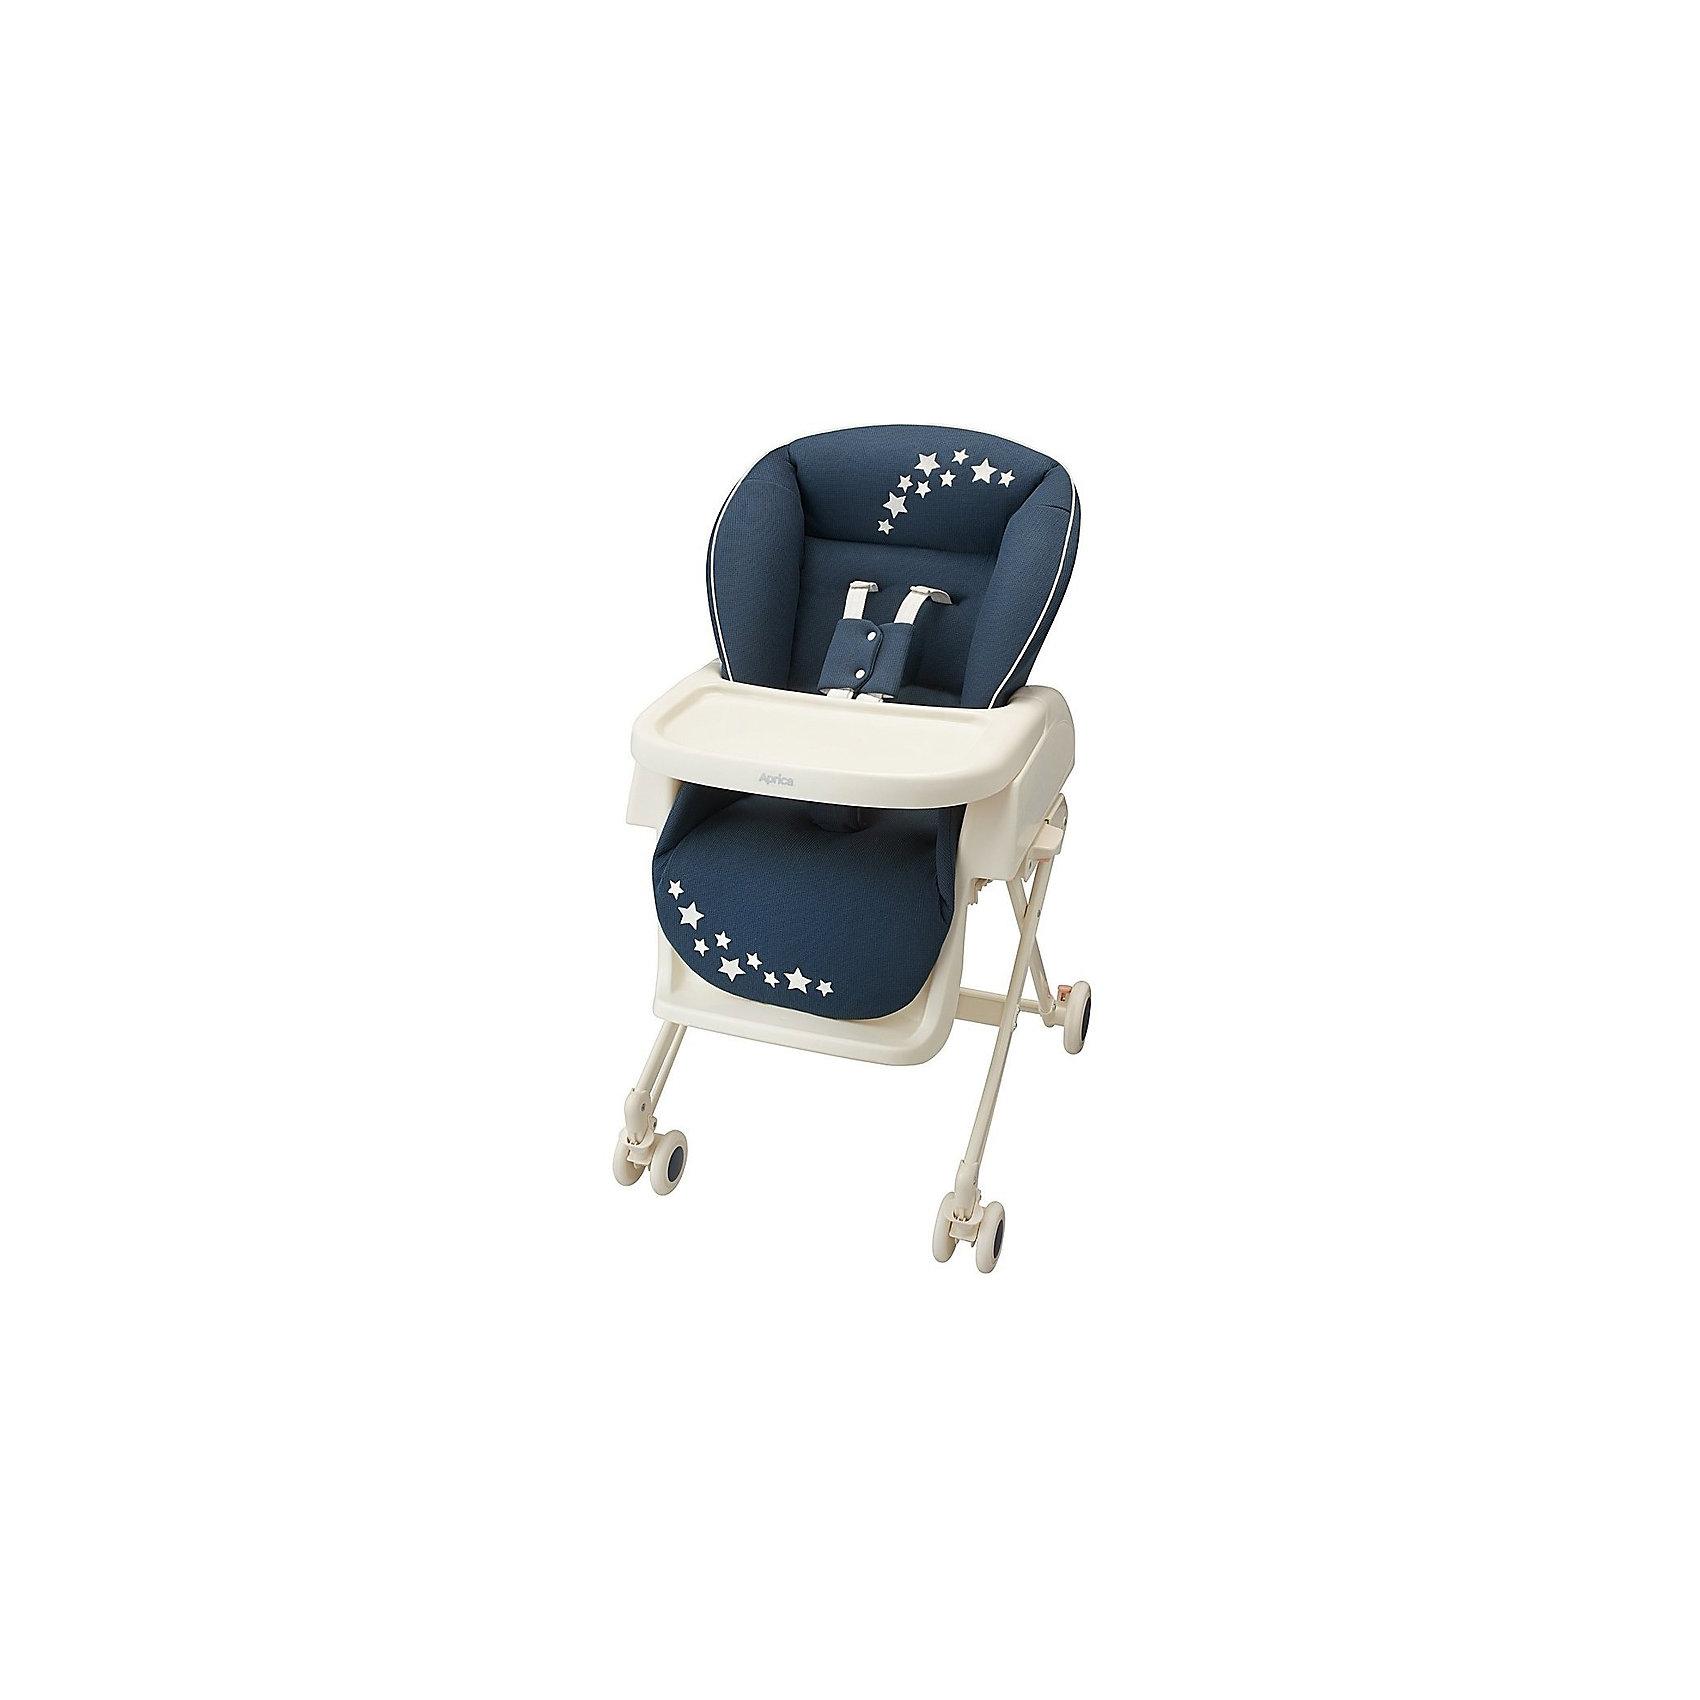 Колыбель Basic, Aprica, синийКолыбели<br>Характеристики:<br><br>• функции 2в1: колыбель-люлька для укачивания, стульчик для кормления;<br>• функция качания;<br>• съемный столик в стульчике для кормления;<br>• регулируемая высота столика: 3 уровня;<br>• регулируемые 5-ти точечные ремни безопасности;<br>• регулируется наклон спинки: 4 положения вплоть до горизонтального, угол наклона 90-170 градусов;<br>• регулируется высота люльки: 3 положения;<br>• кроватка-люлька оснащена колесиками со стопорами;<br>• компактное складывание.<br><br>Возраст ребенка: от рождения до 4-х лет<br>Вес ребенка: до 18 кг<br>Вес колыбели: 10,3 кг<br>Размер колыбели: 82/87х69х41/75 см<br>Размер стульчика: 71/85х54х69/99 см<br><br>Колыбель Basic, Aprica, синий можно купить в нашем интернет-магазине.<br><br>Ширина мм: 860<br>Глубина мм: 430<br>Высота мм: 555<br>Вес г: 12900<br>Возраст от месяцев: 0<br>Возраст до месяцев: 48<br>Пол: Мужской<br>Возраст: Детский<br>SKU: 5451719